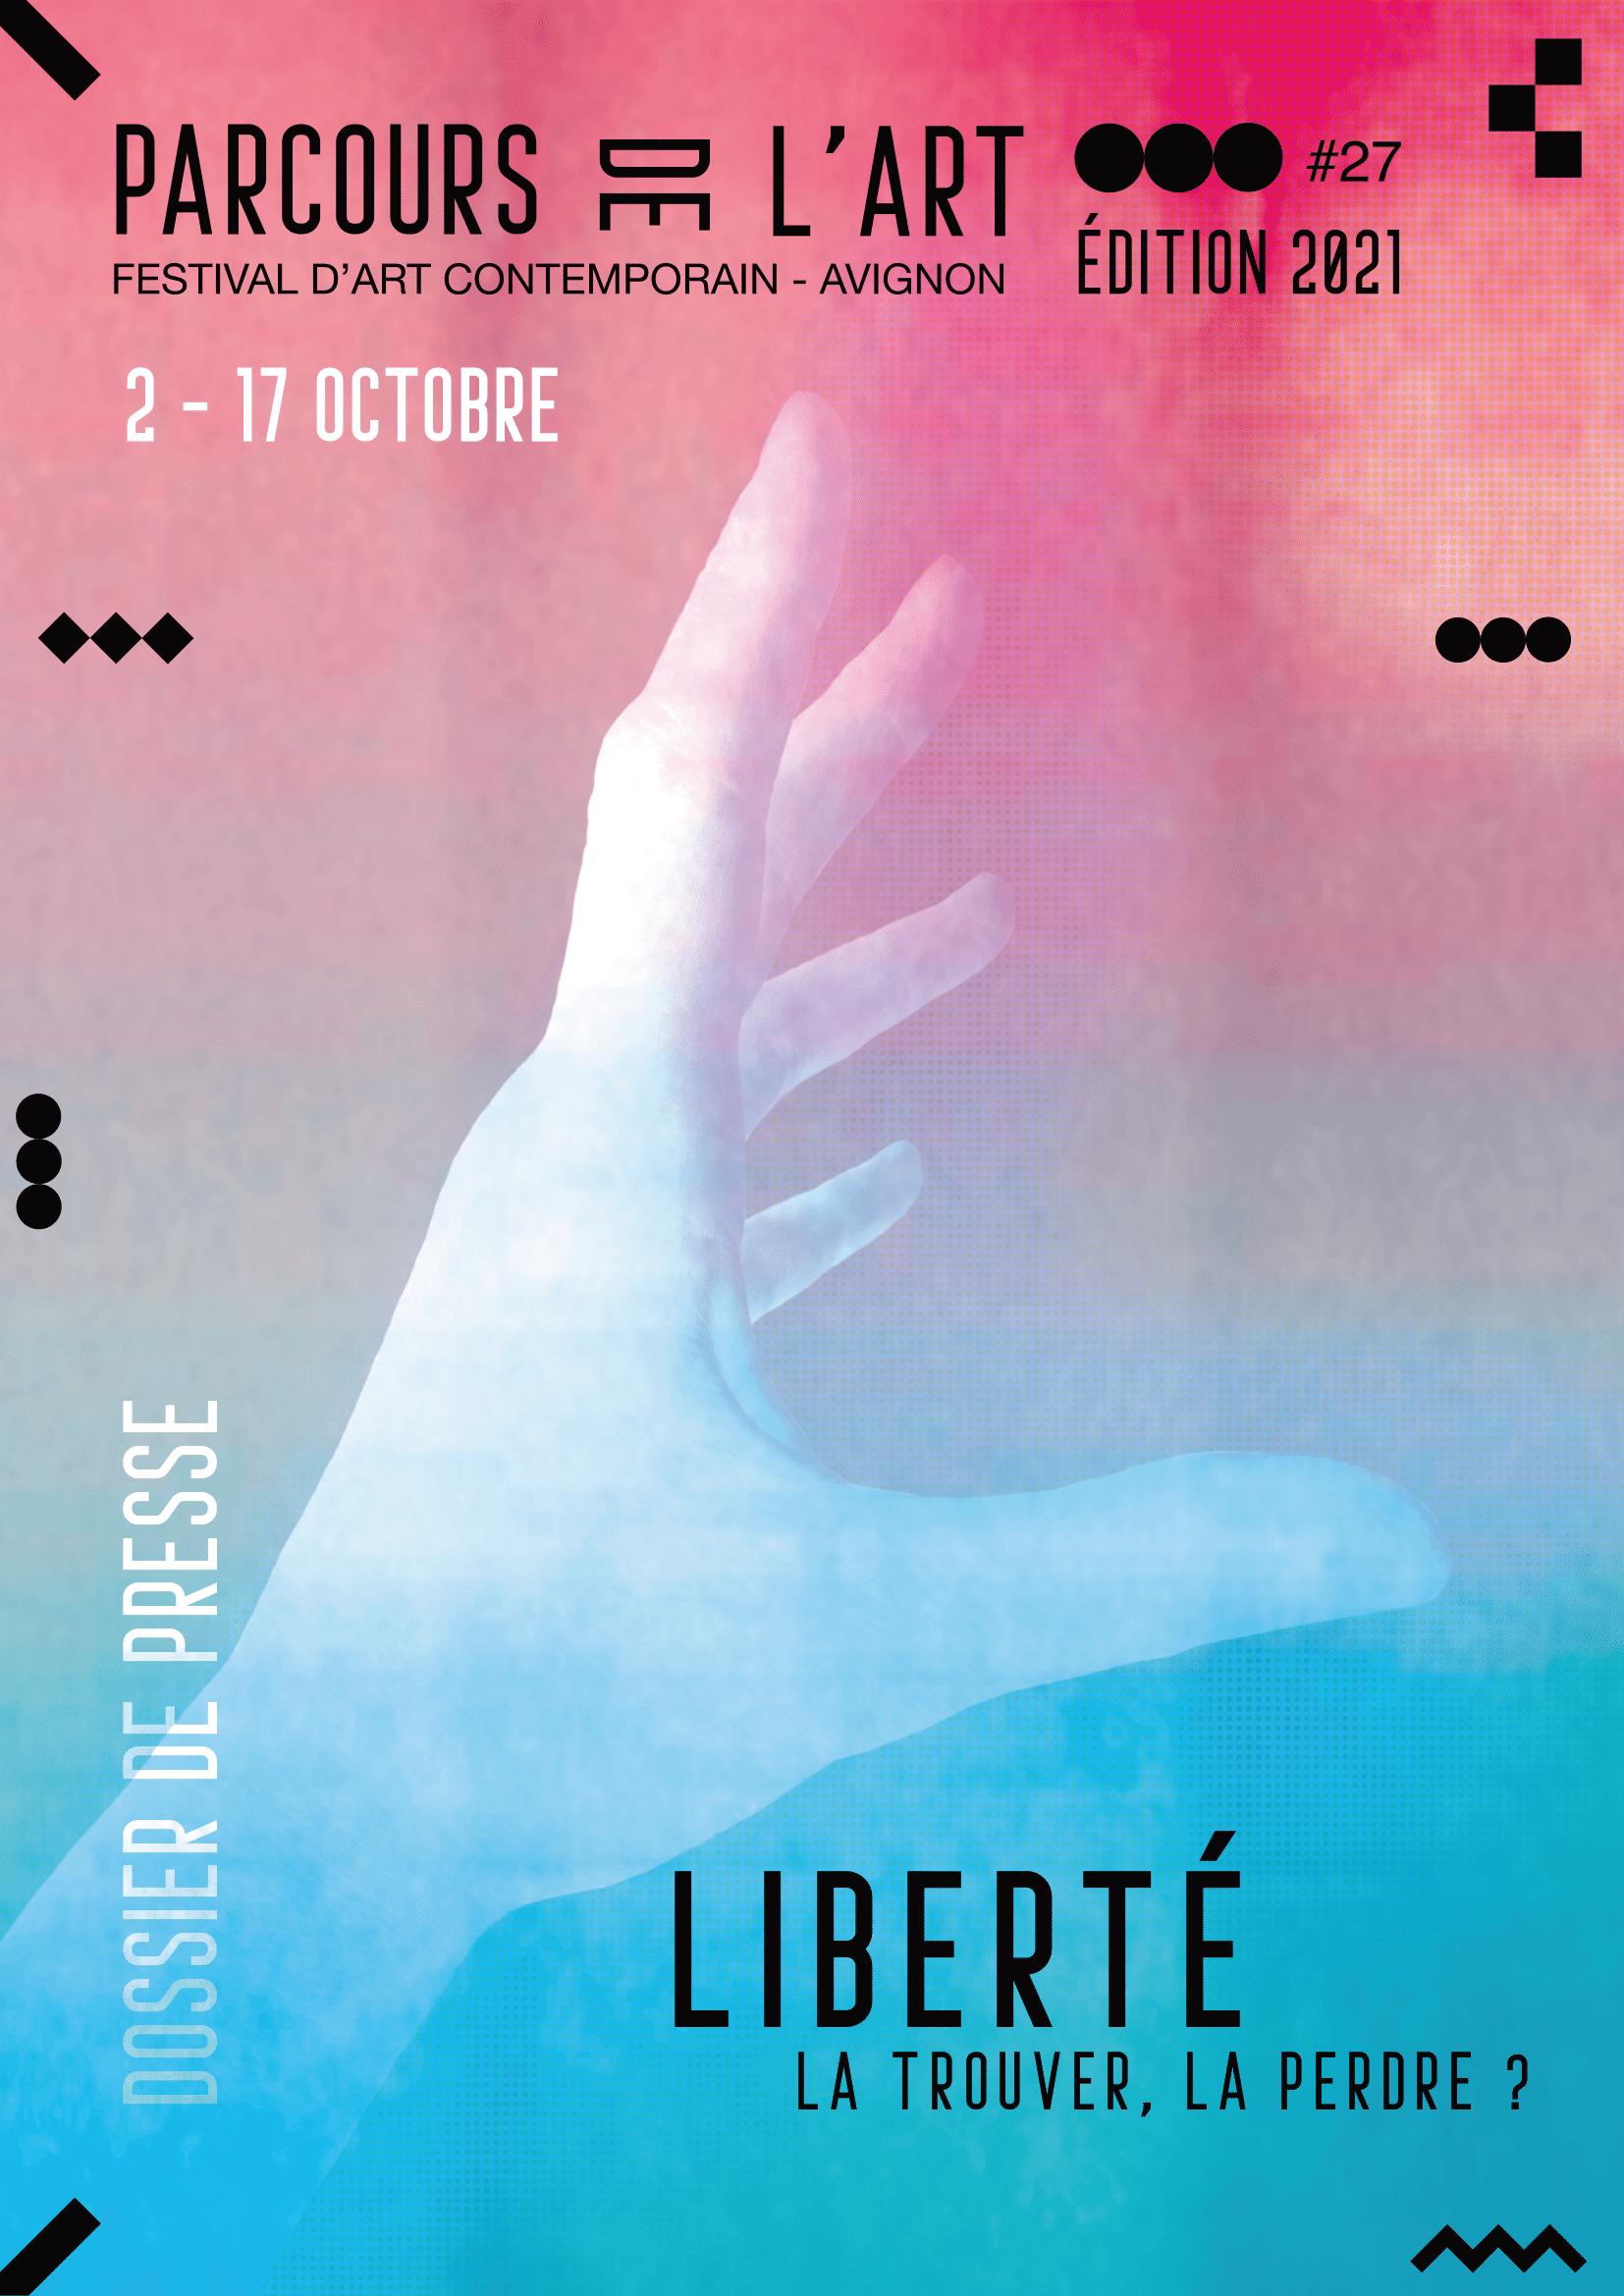 Parcours de l'Art 2021 : La liberté, la trouver, la perdre ? Festival d'Art Contemporain du 2 au 17 octobre